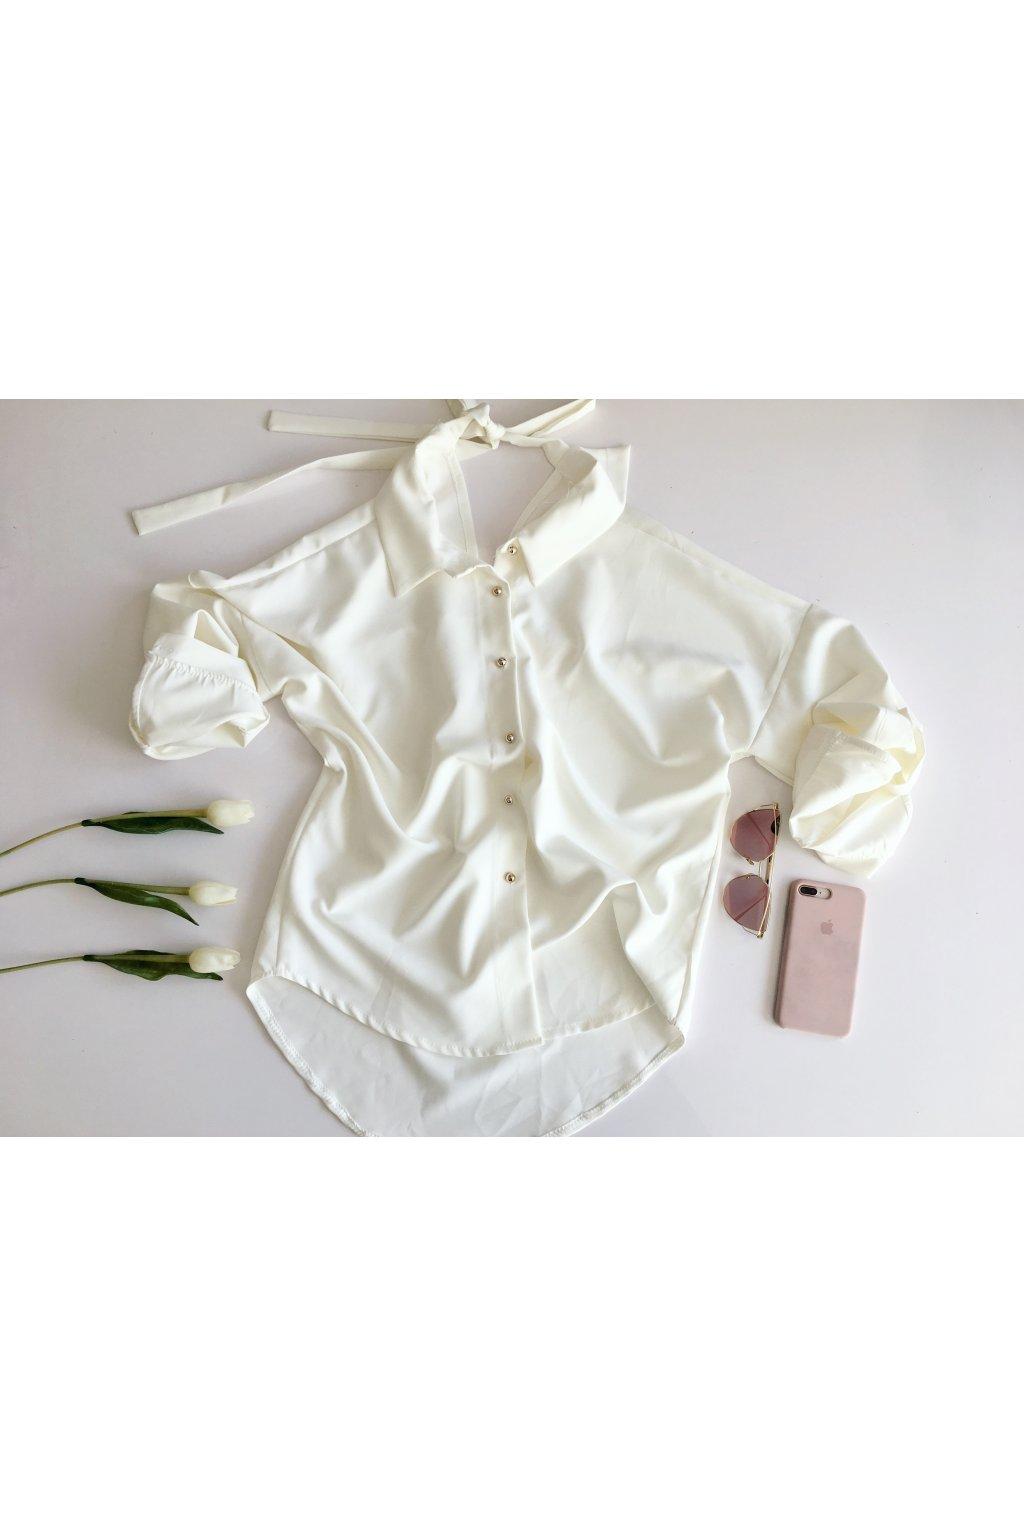 Elegantní košile s mašlí na zádech · Elegantní košile s mašlí na zádech ... 2b79379600